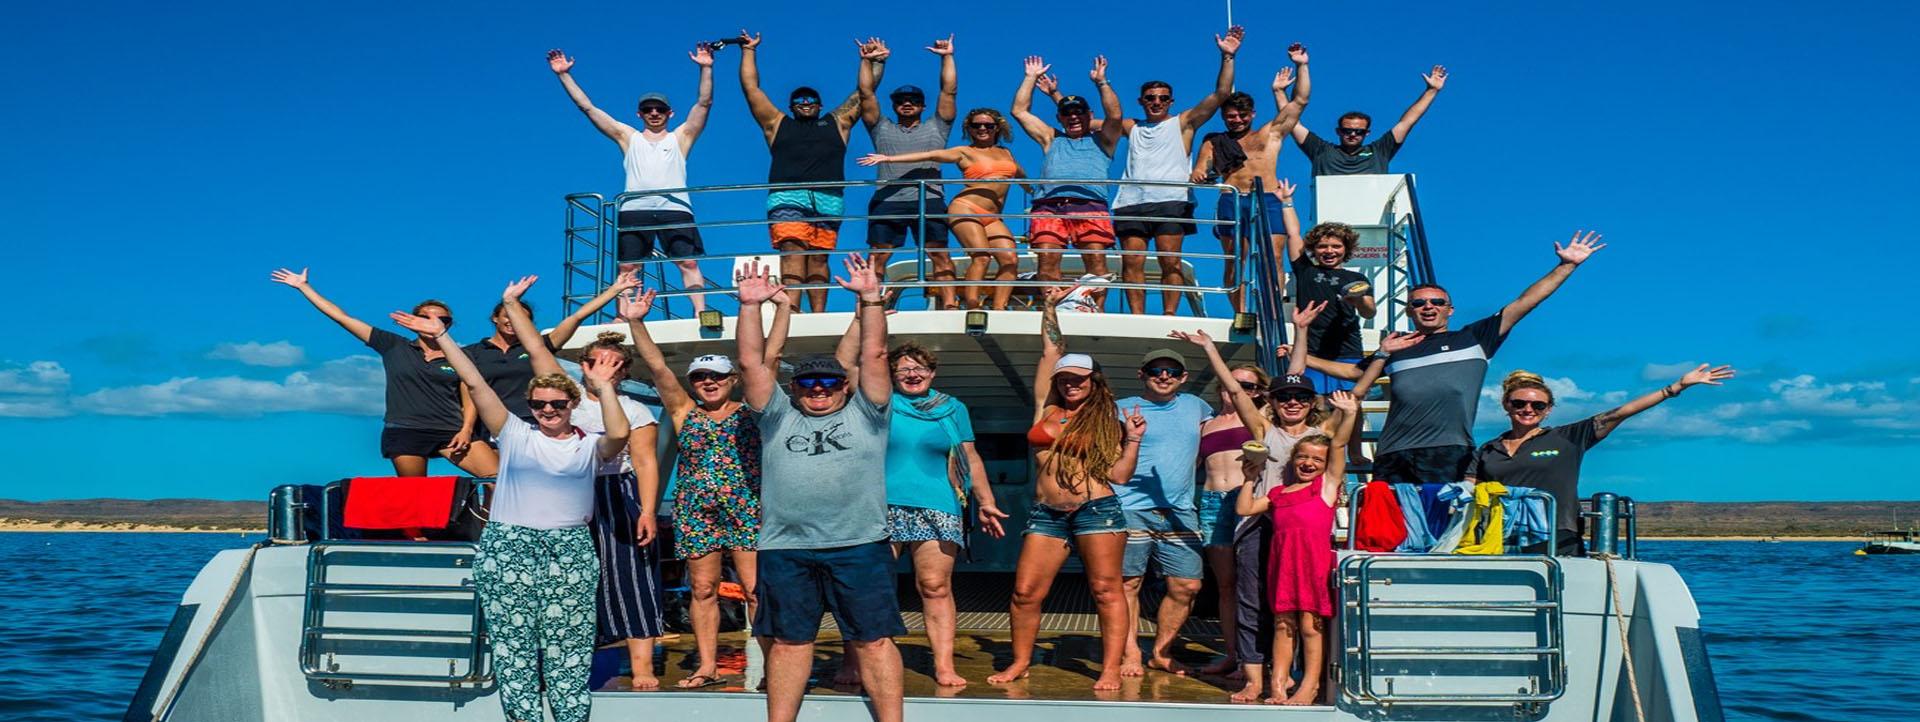 LATITUDE-22-People-on-Deck